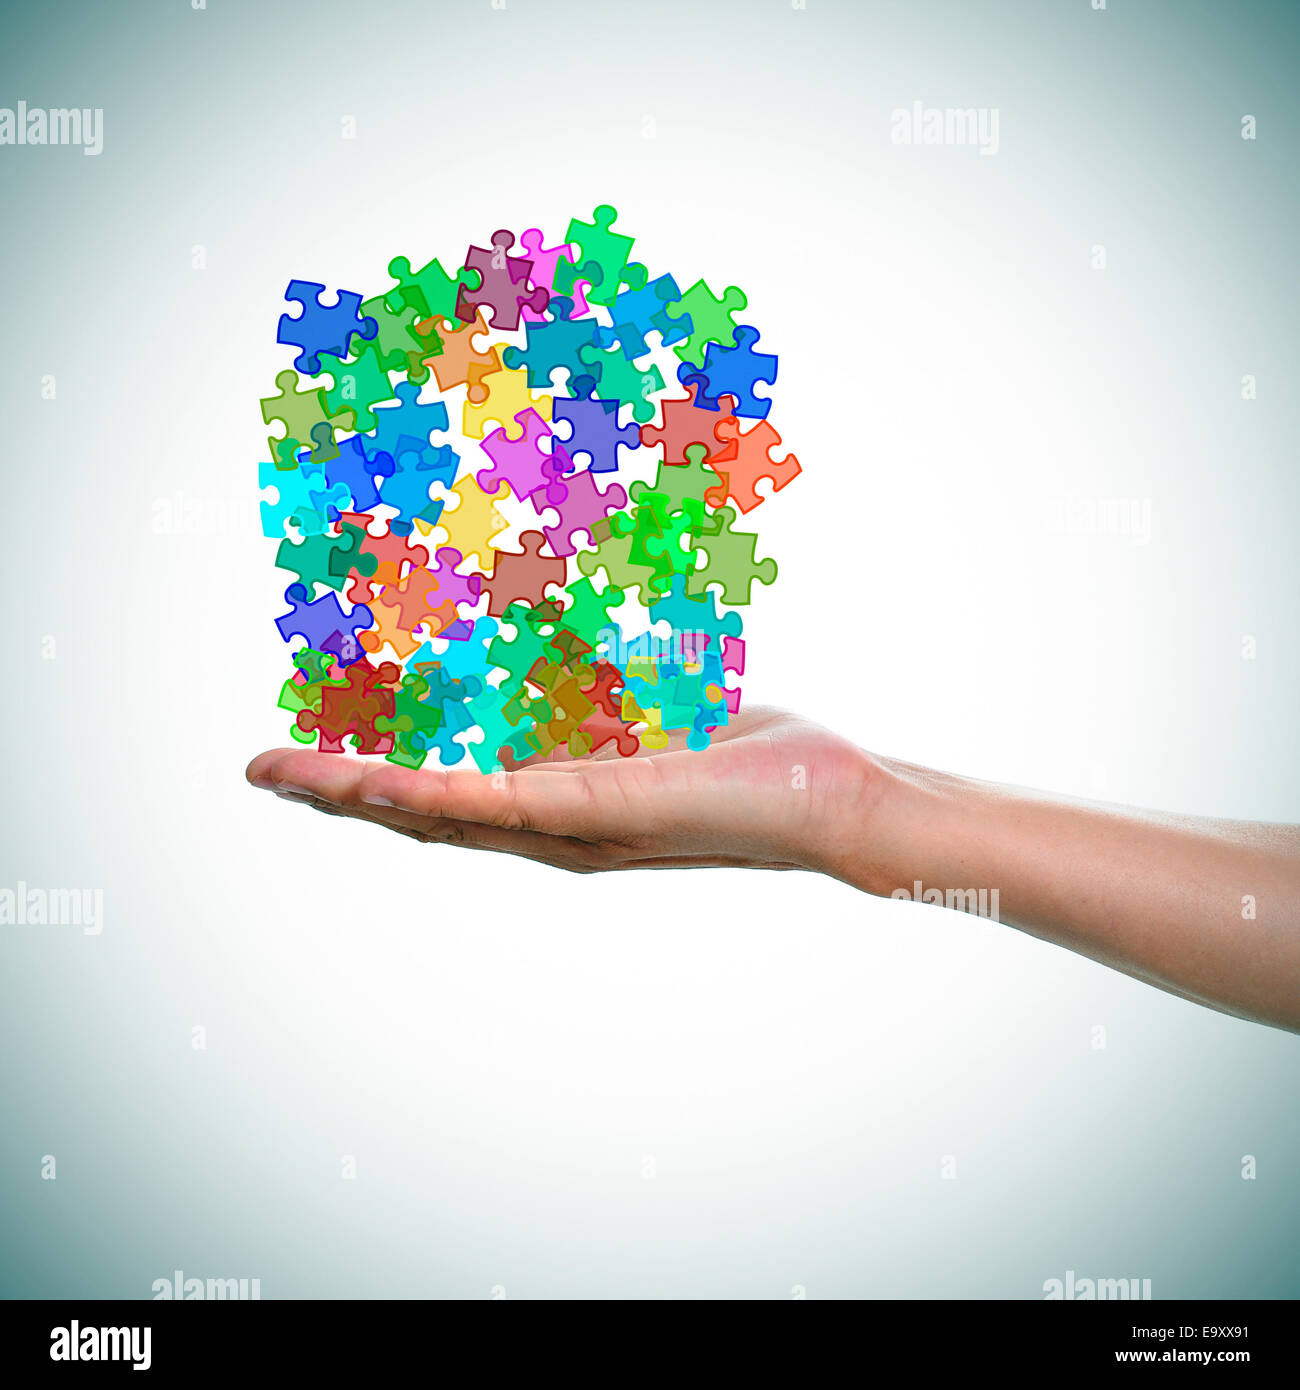 Un uomo di mano con una pila di pezzi di un puzzle di colori diversi come il simbolo per la sensibilizzazione sull'autismo Immagini Stock